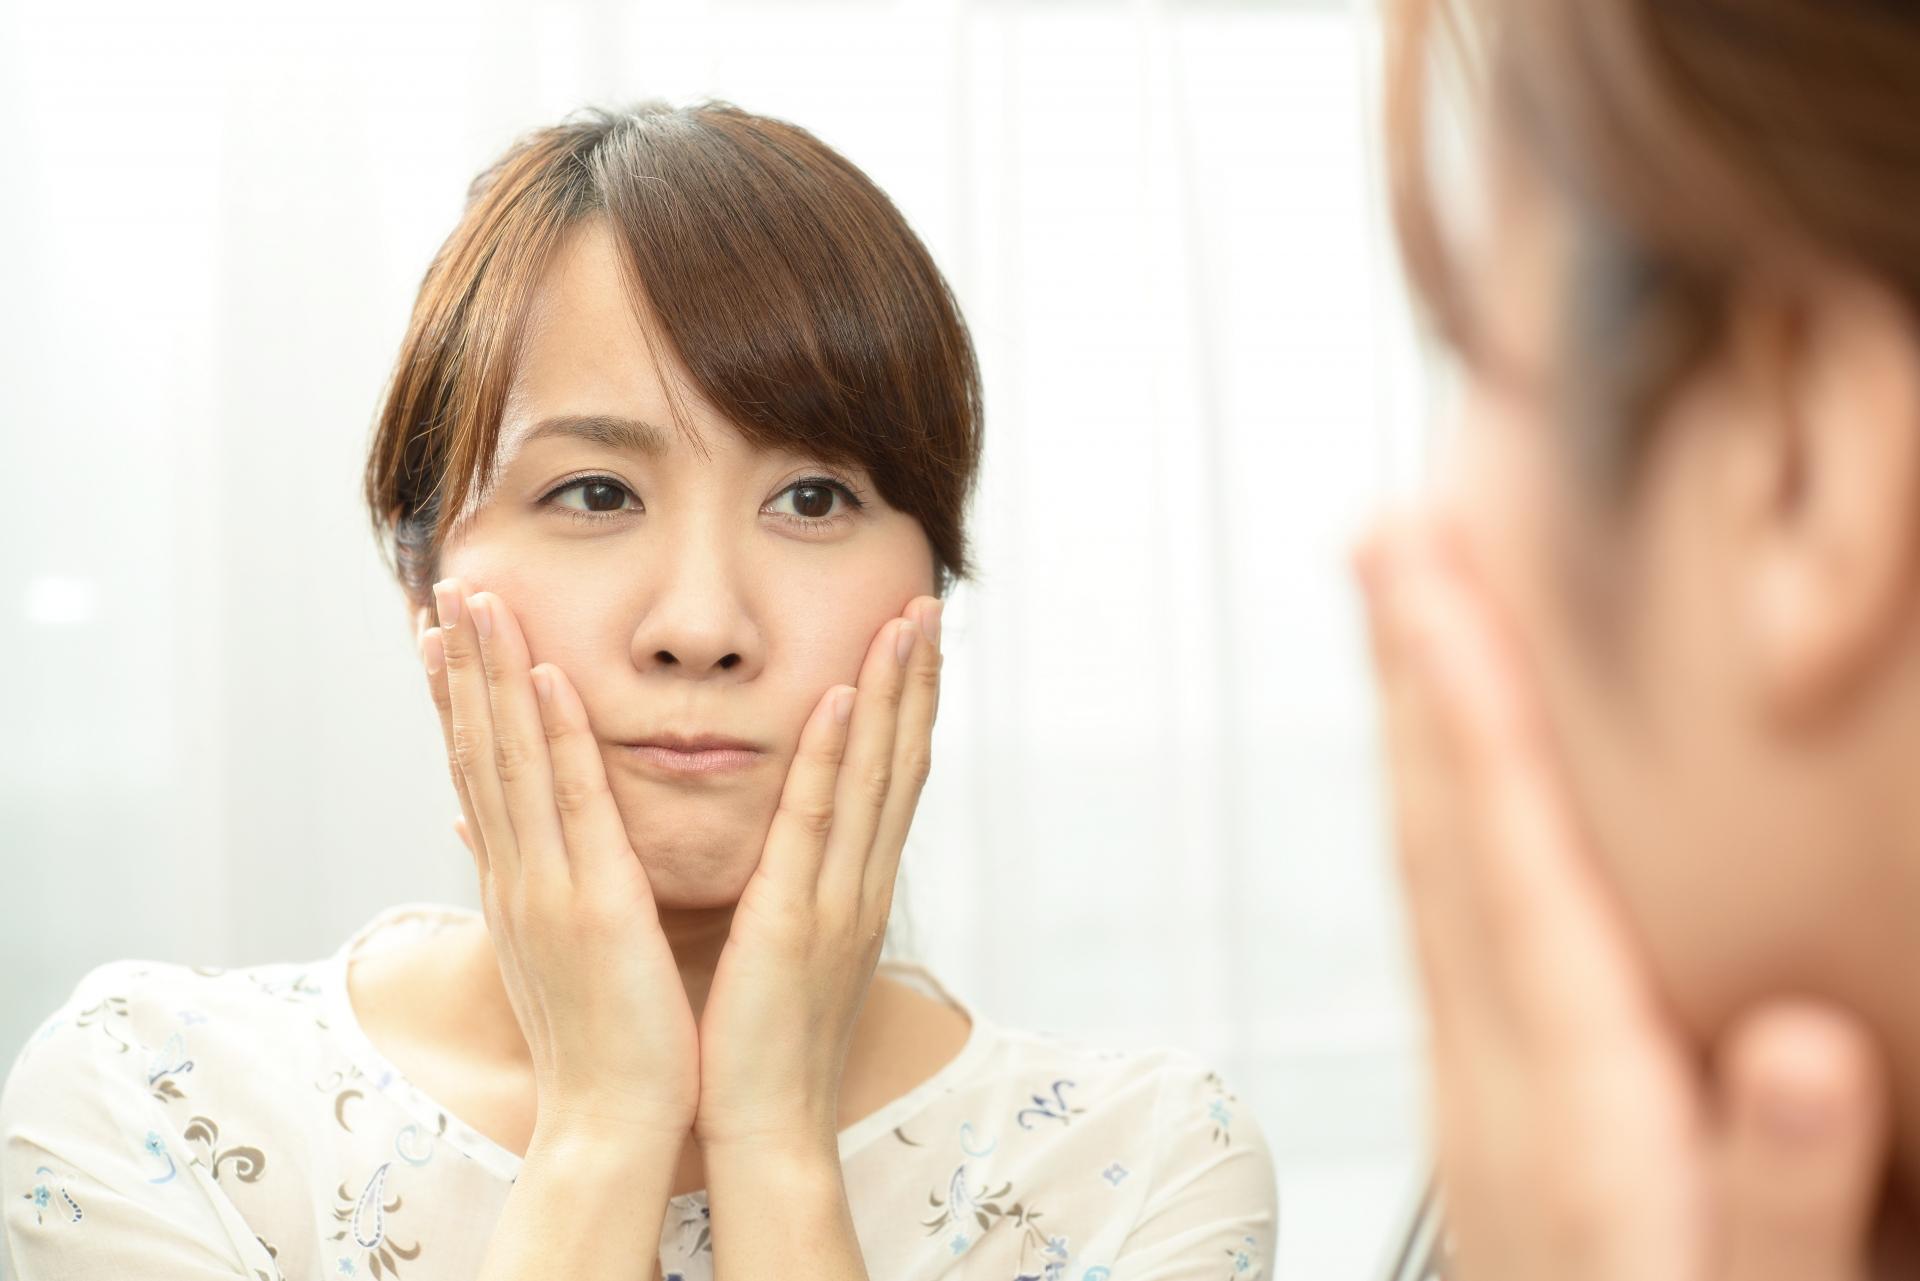 鼻の下 ニキビ 原因